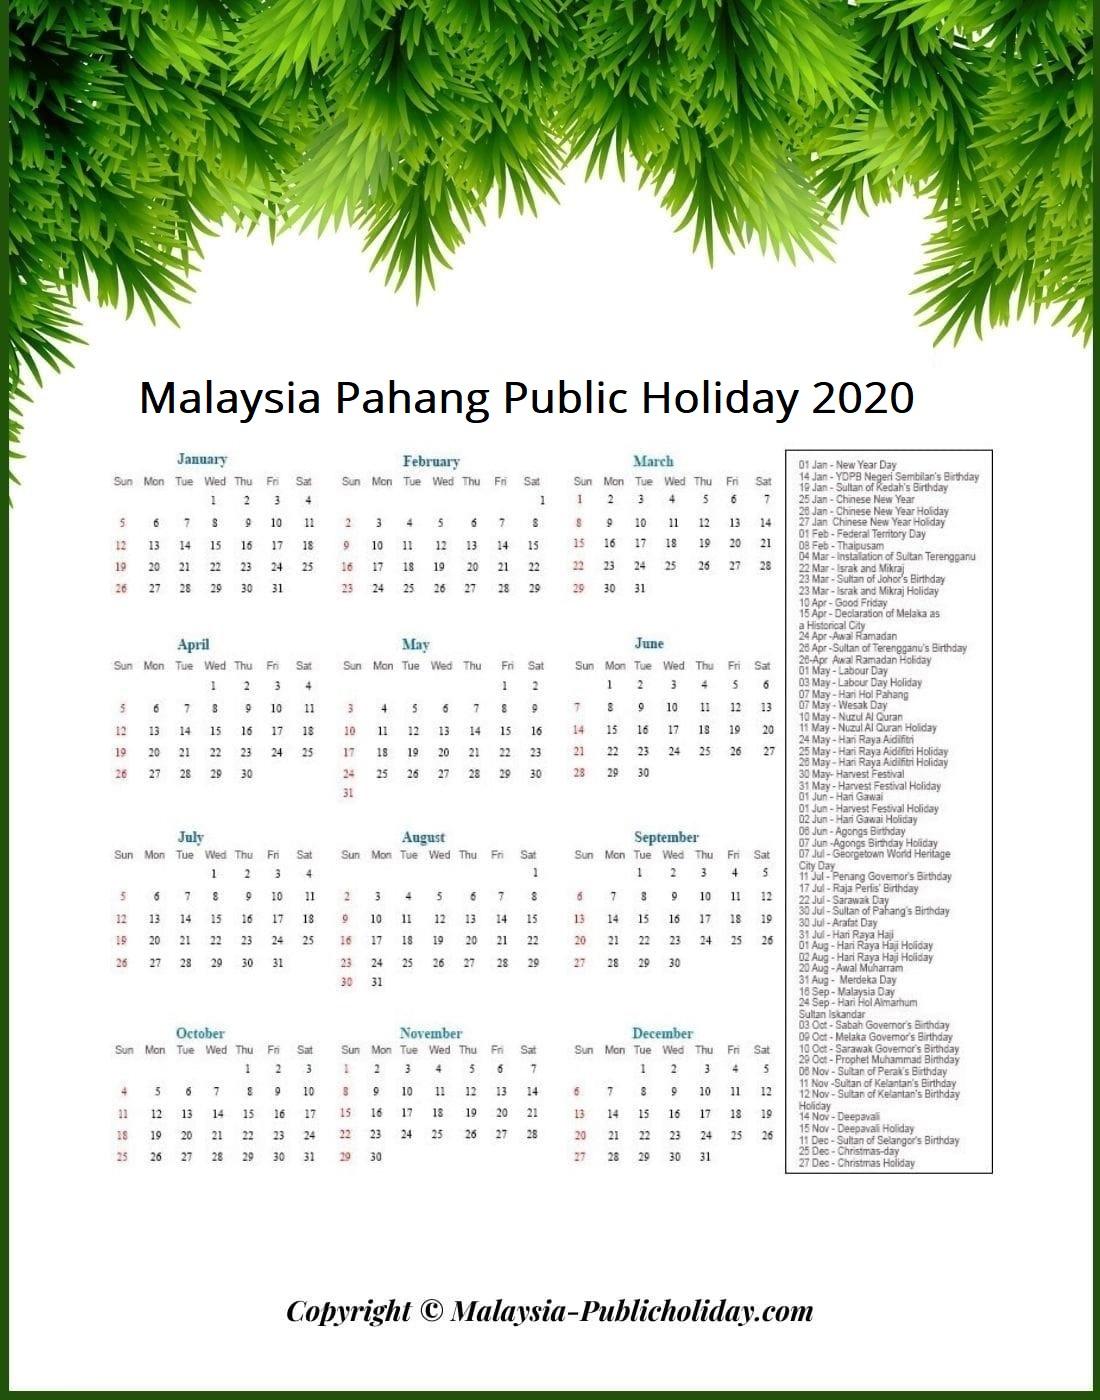 Pahang Holiday 2020 Malaysia